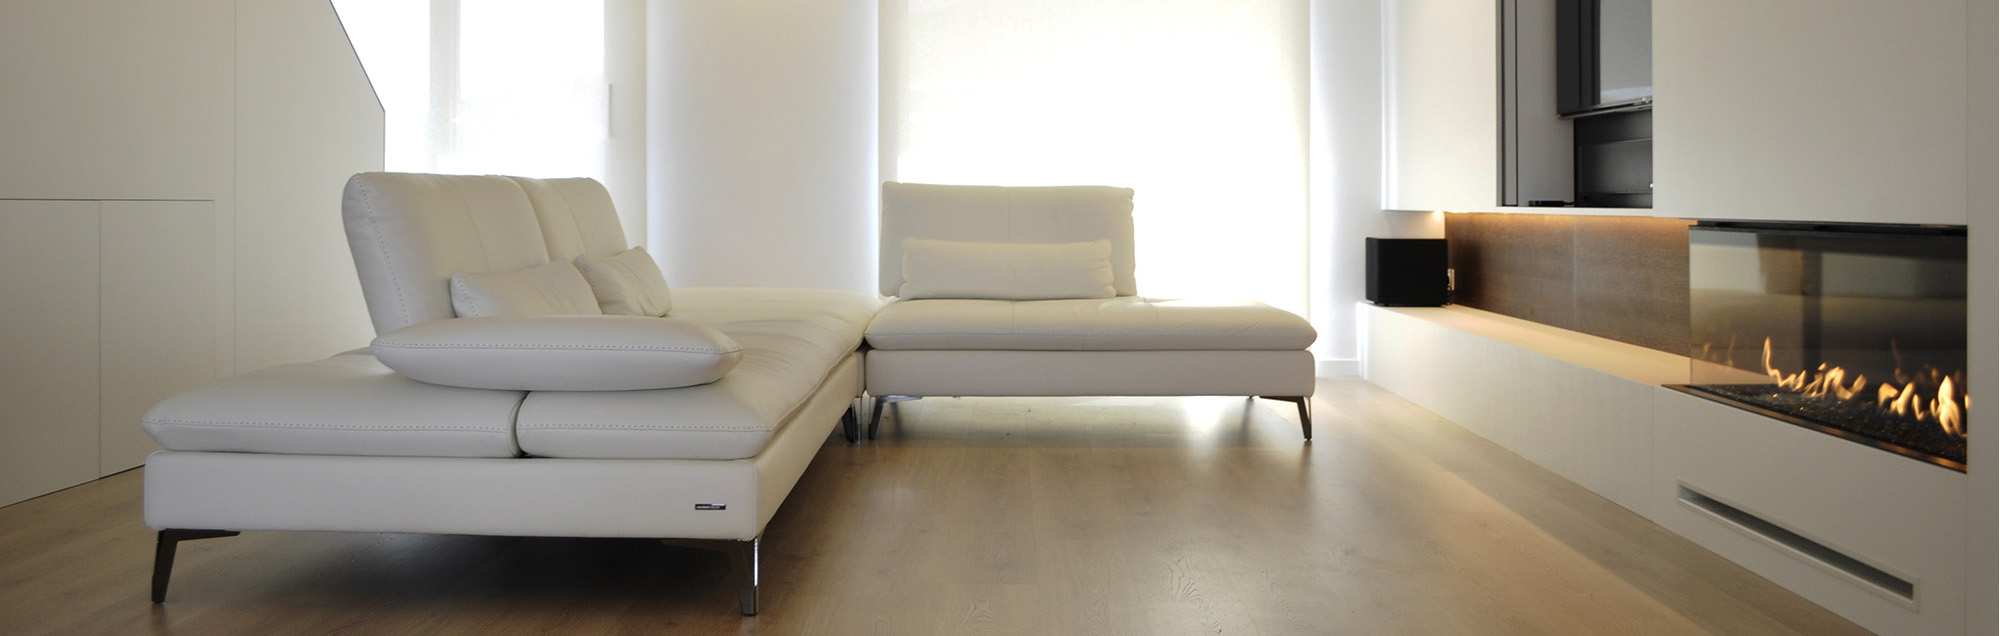 Salones modernos dise os e ideas rardo architects - Diseno salones modernos ...